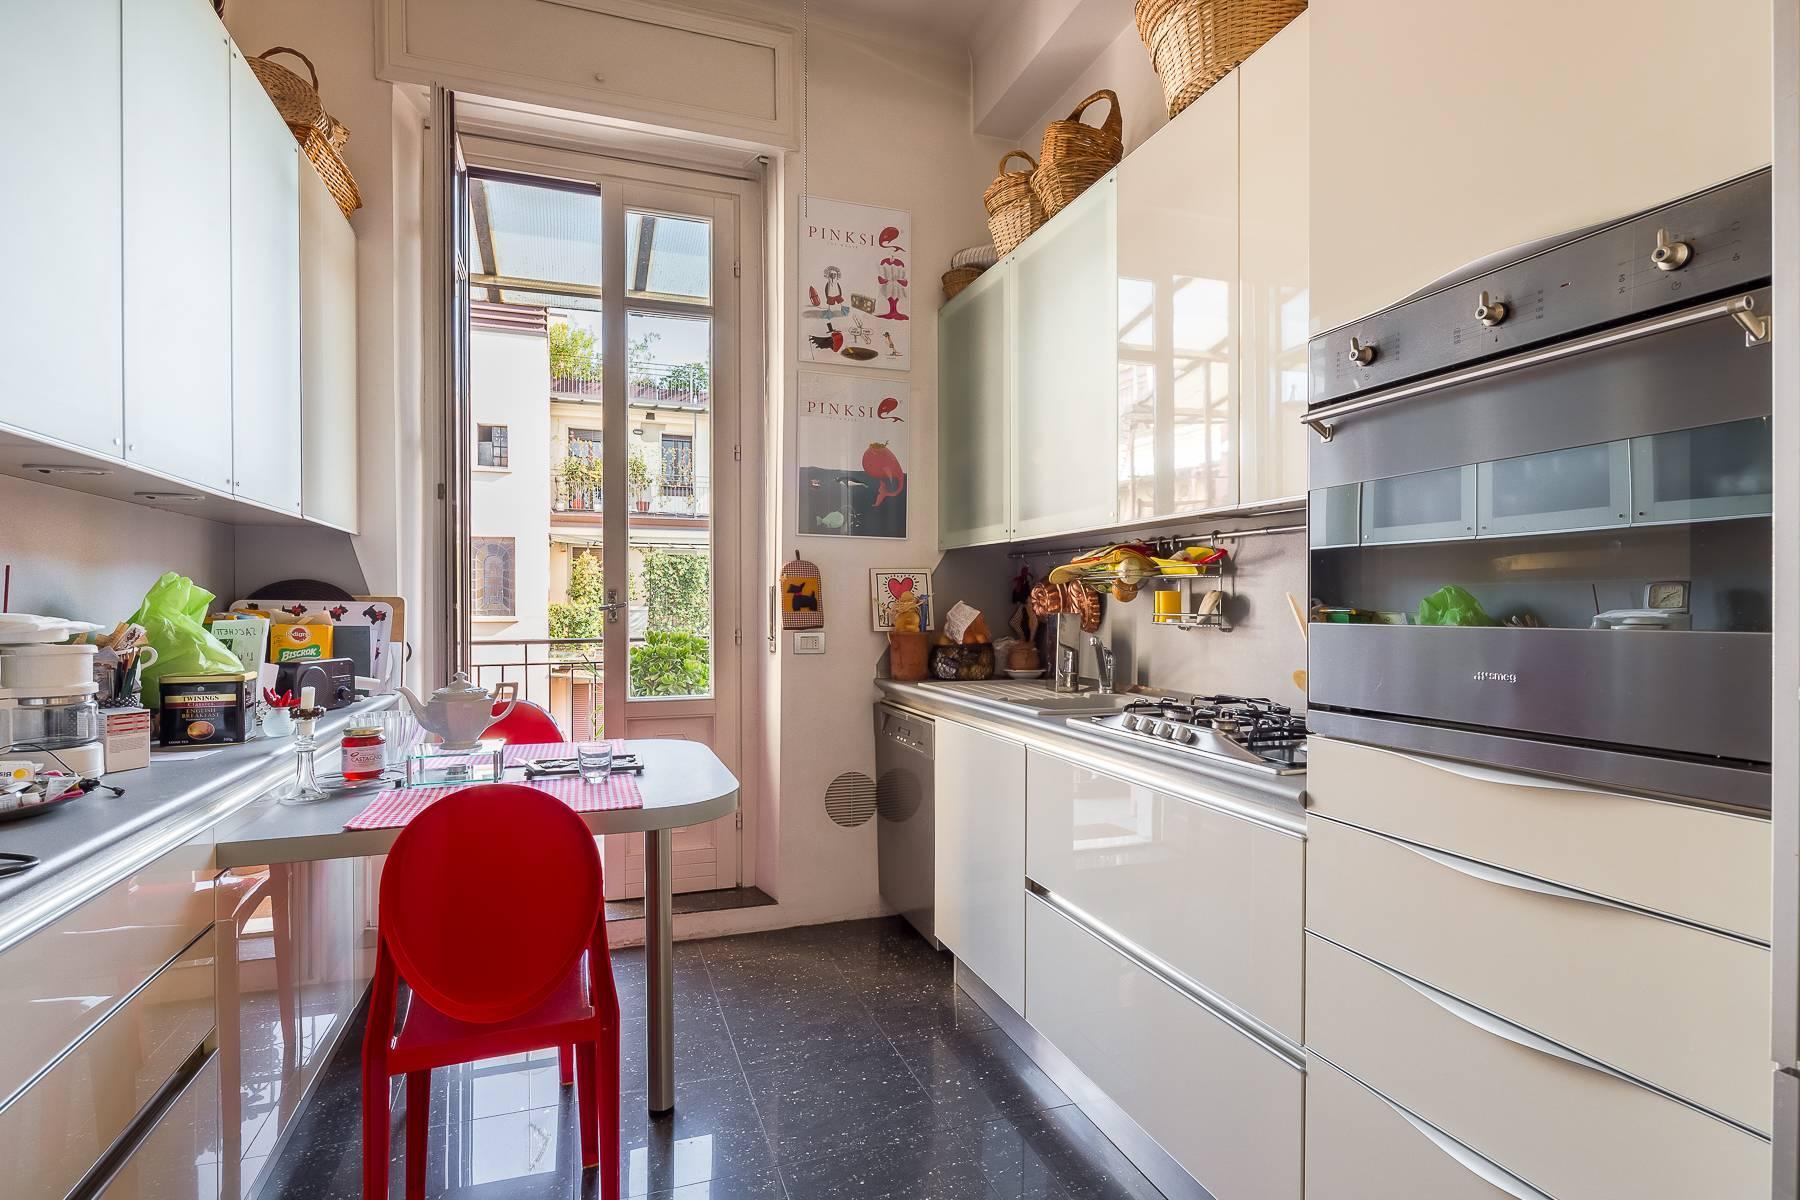 Appartamento esclusivo di 200 mq in nuda proprietà in un palazzo d'epoca - 21